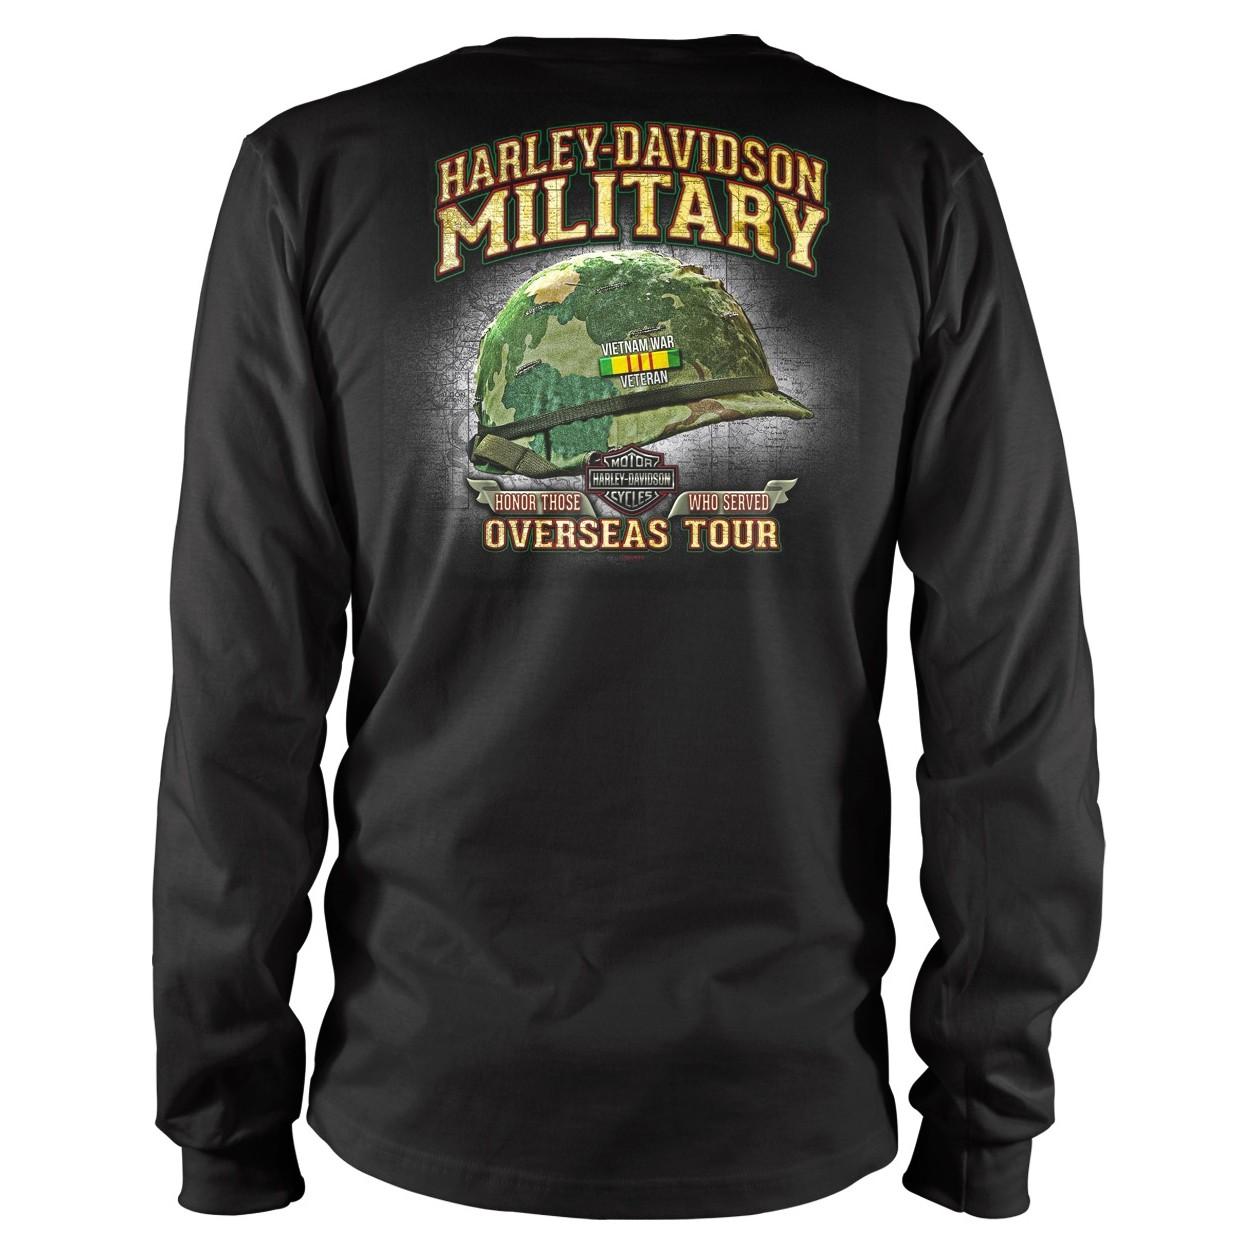 Harley-Davidson Military Bar & Shield Vietnam Veterans - Black Long-Sleeve T-shirt